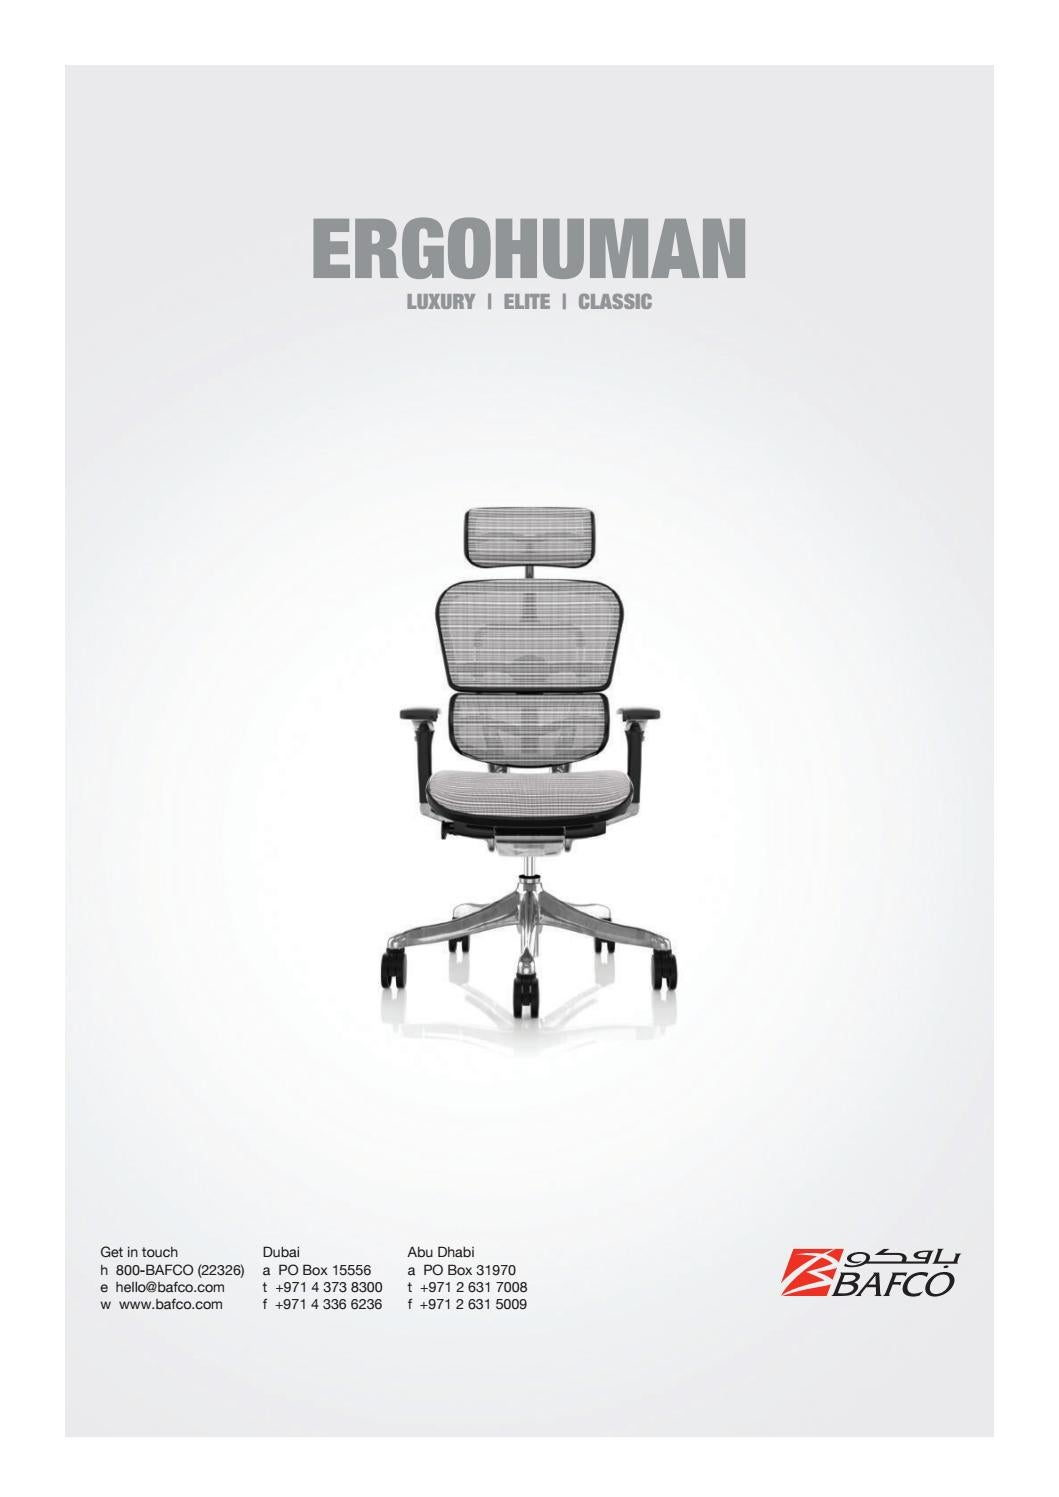 Enjoy Ergonomic Chair 2019 By Bafco Issuu